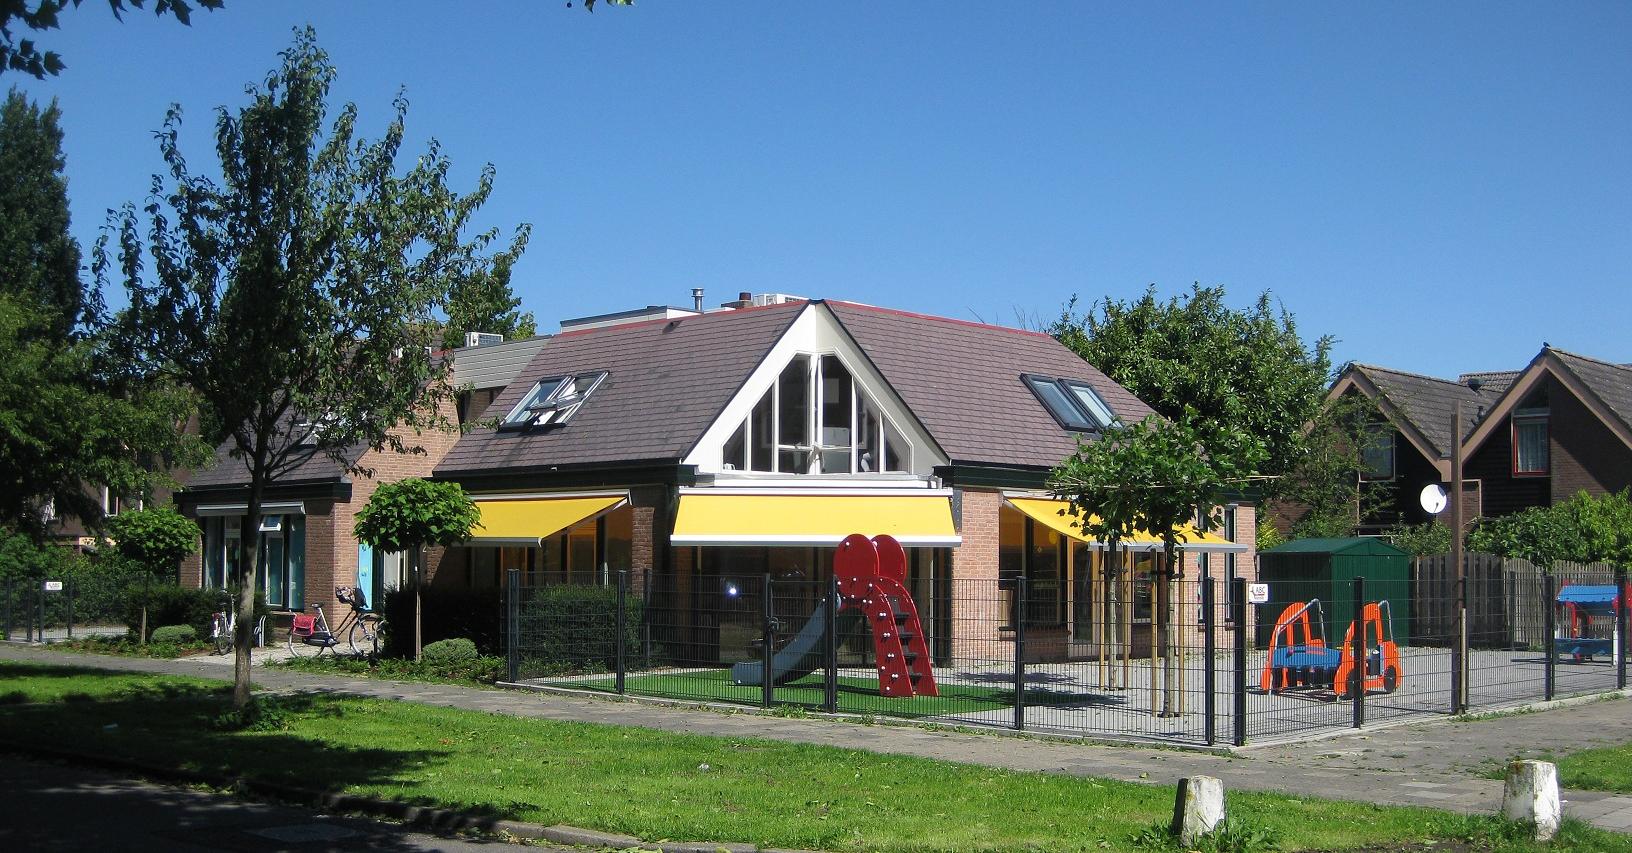 kinderdagverblijf zoetermeer, kinderopvang zoetermeer, buitenschoolseopvang zoetermeer